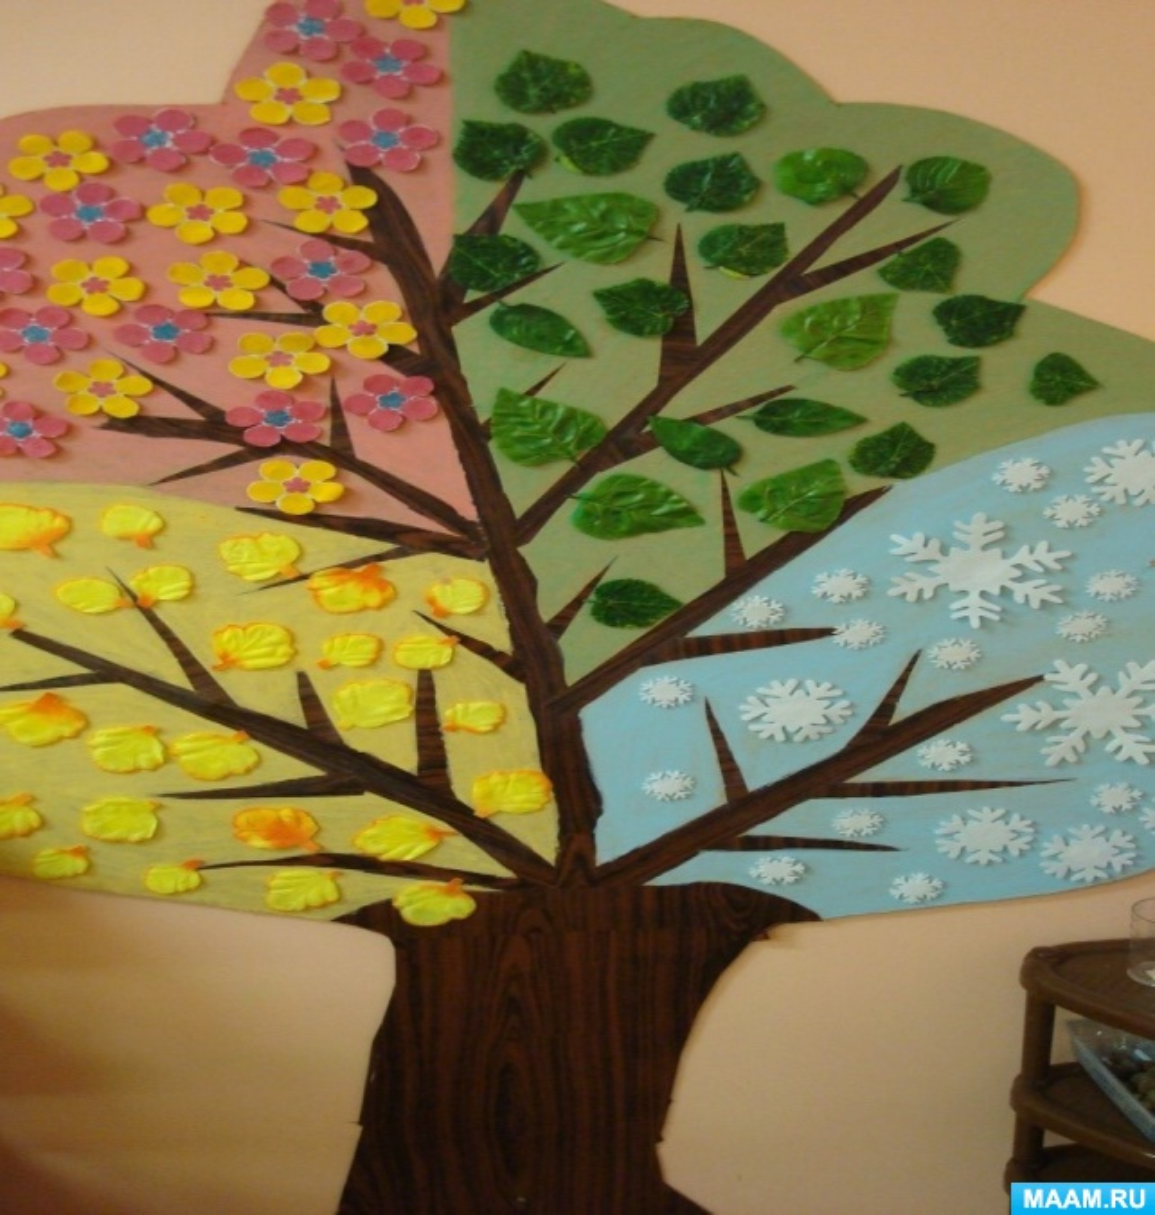 Дерево времена года своими руками маам 73